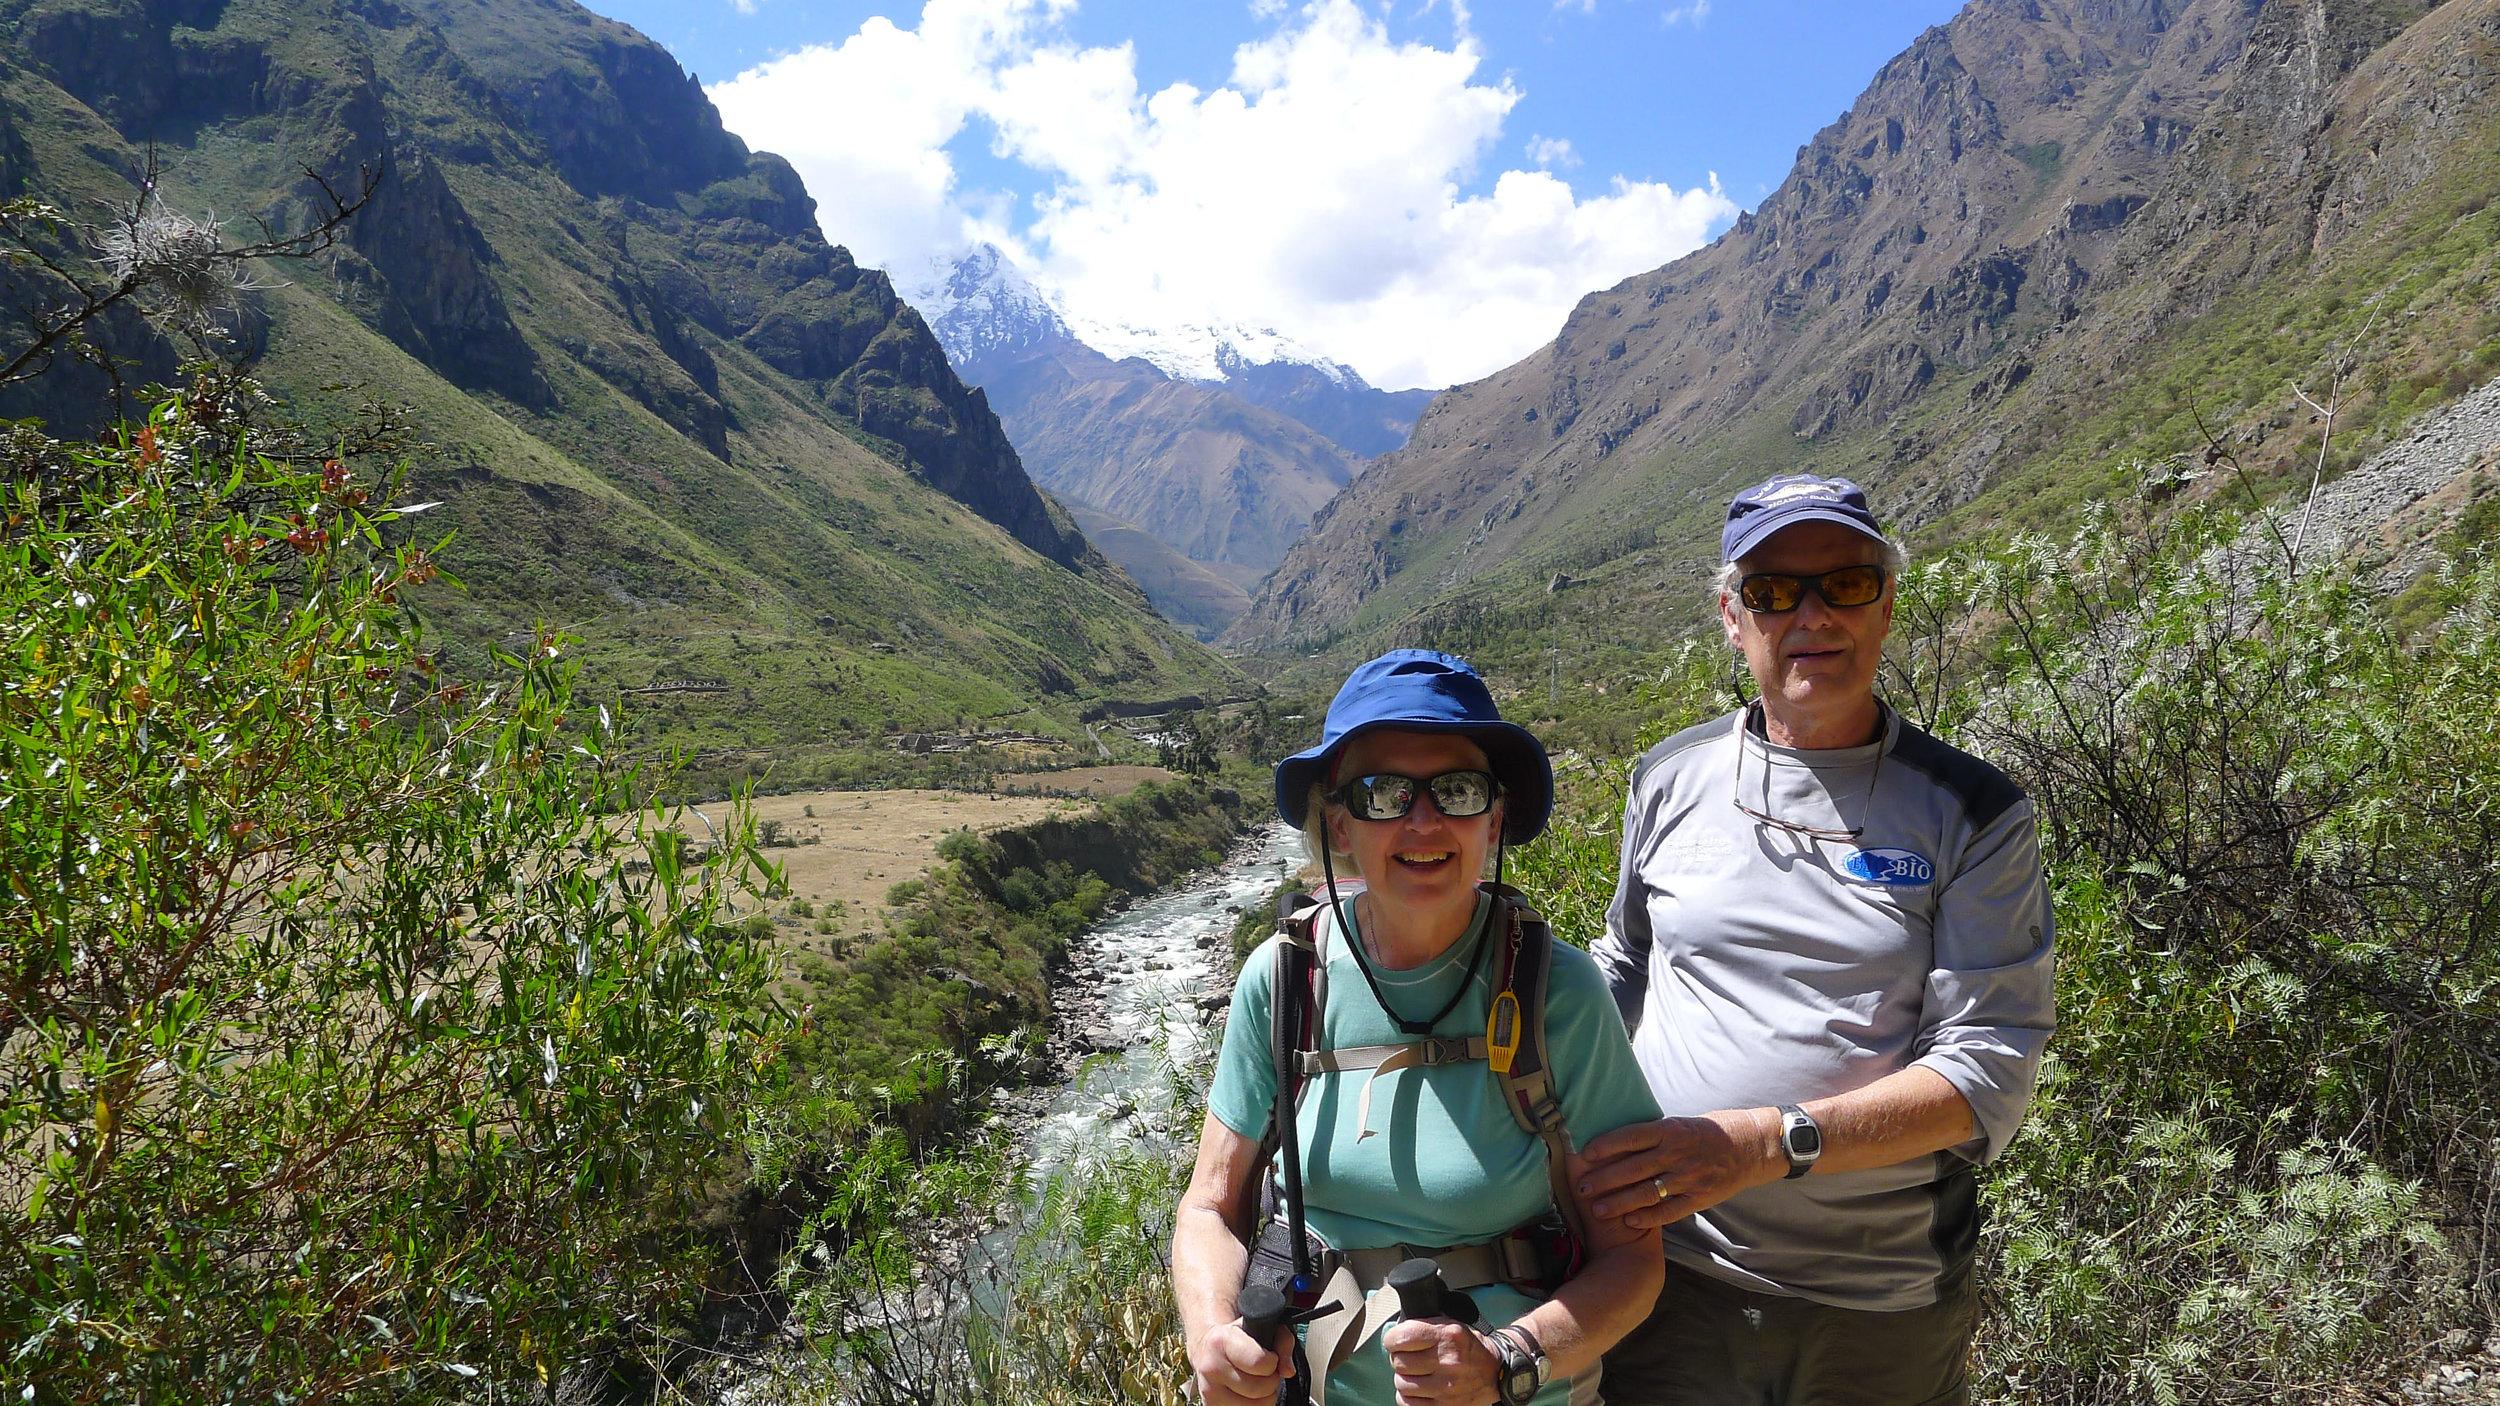 Hiking the Inca Trial in Peru